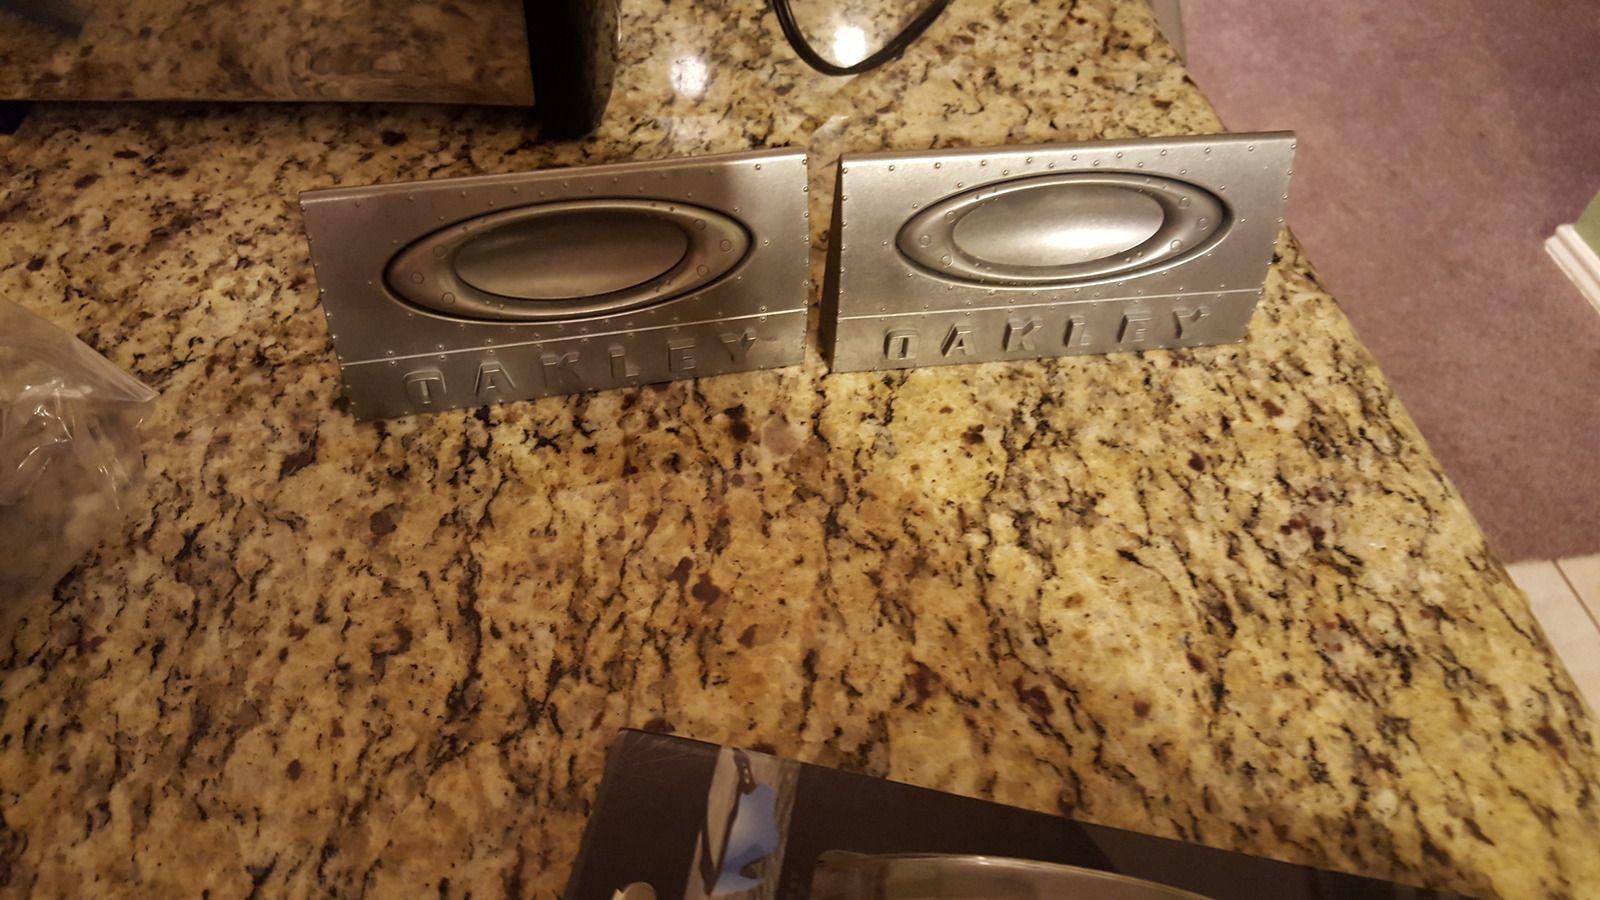 2 branding plates. - uploadfromtaptalk1446005535254.jpg